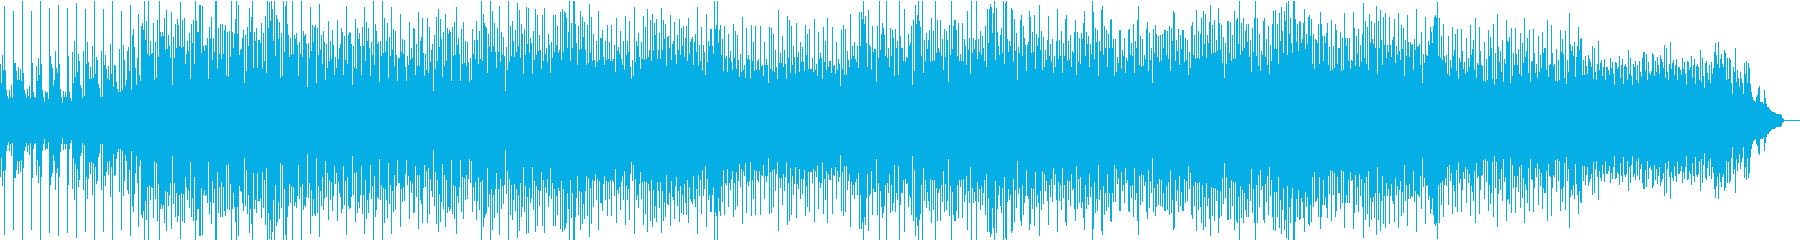 メロディアスなテクノポップの再生済みの波形